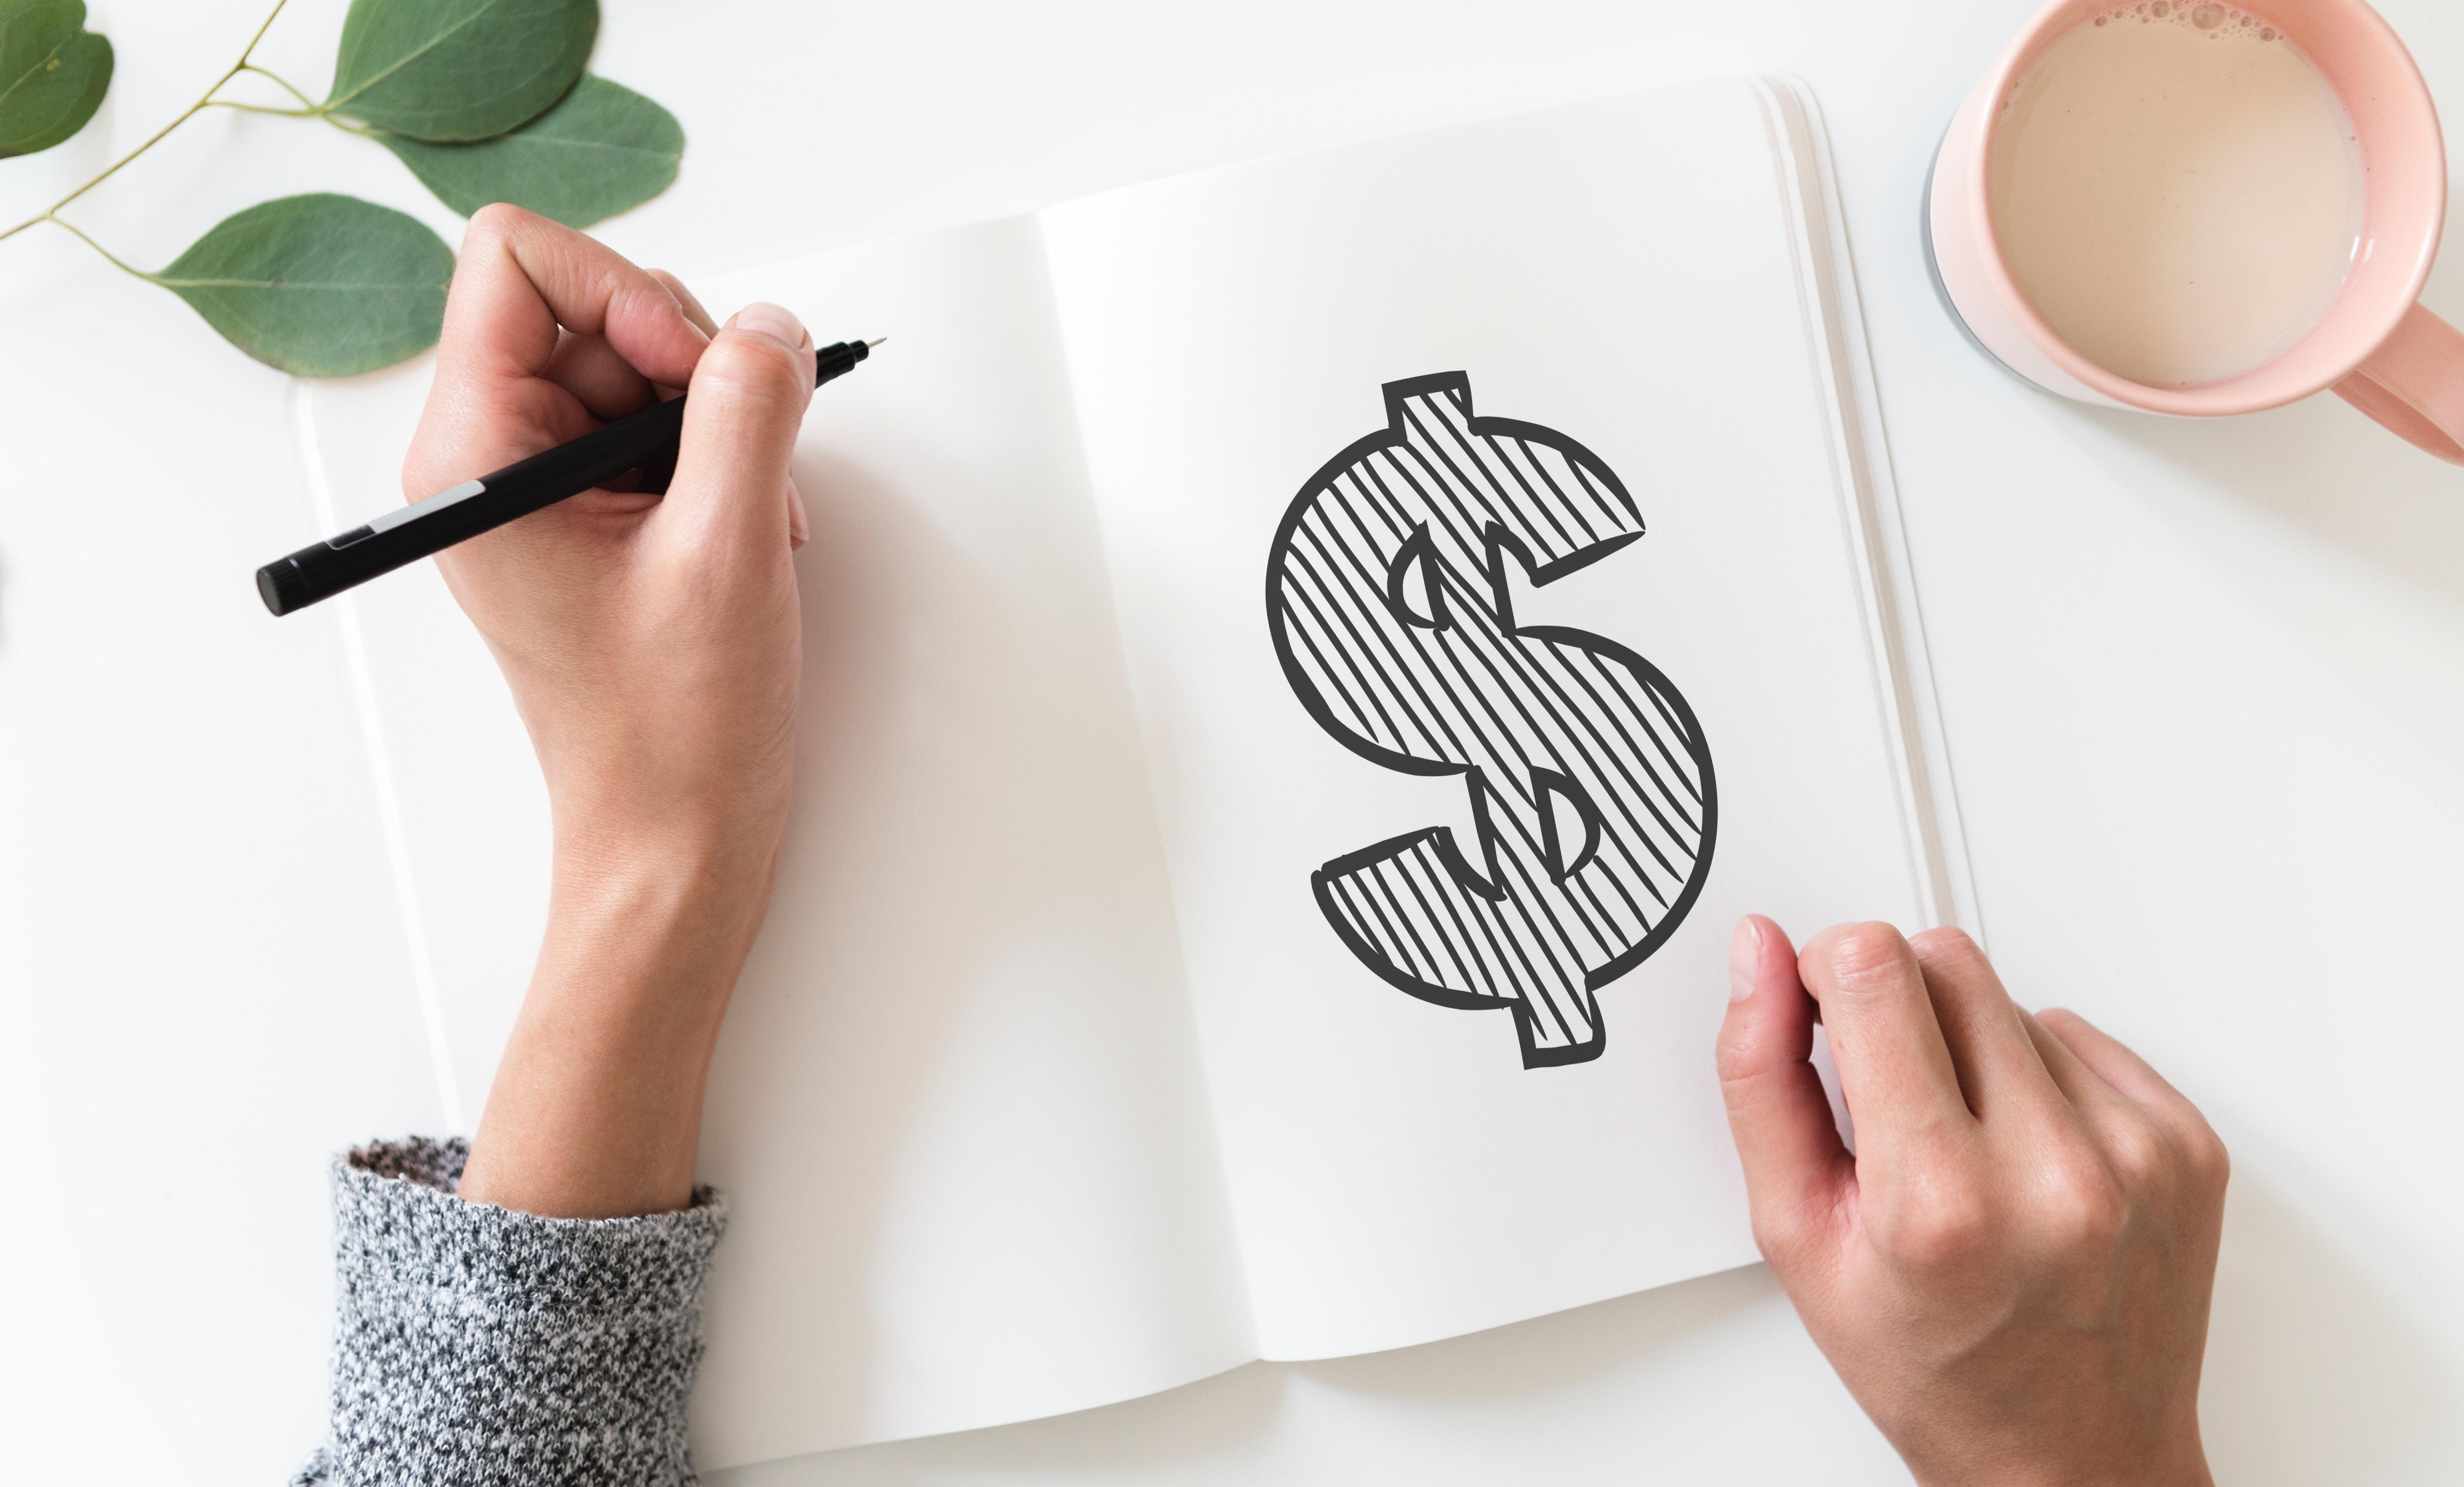 Solicitud de prestación contributiva - Finutive